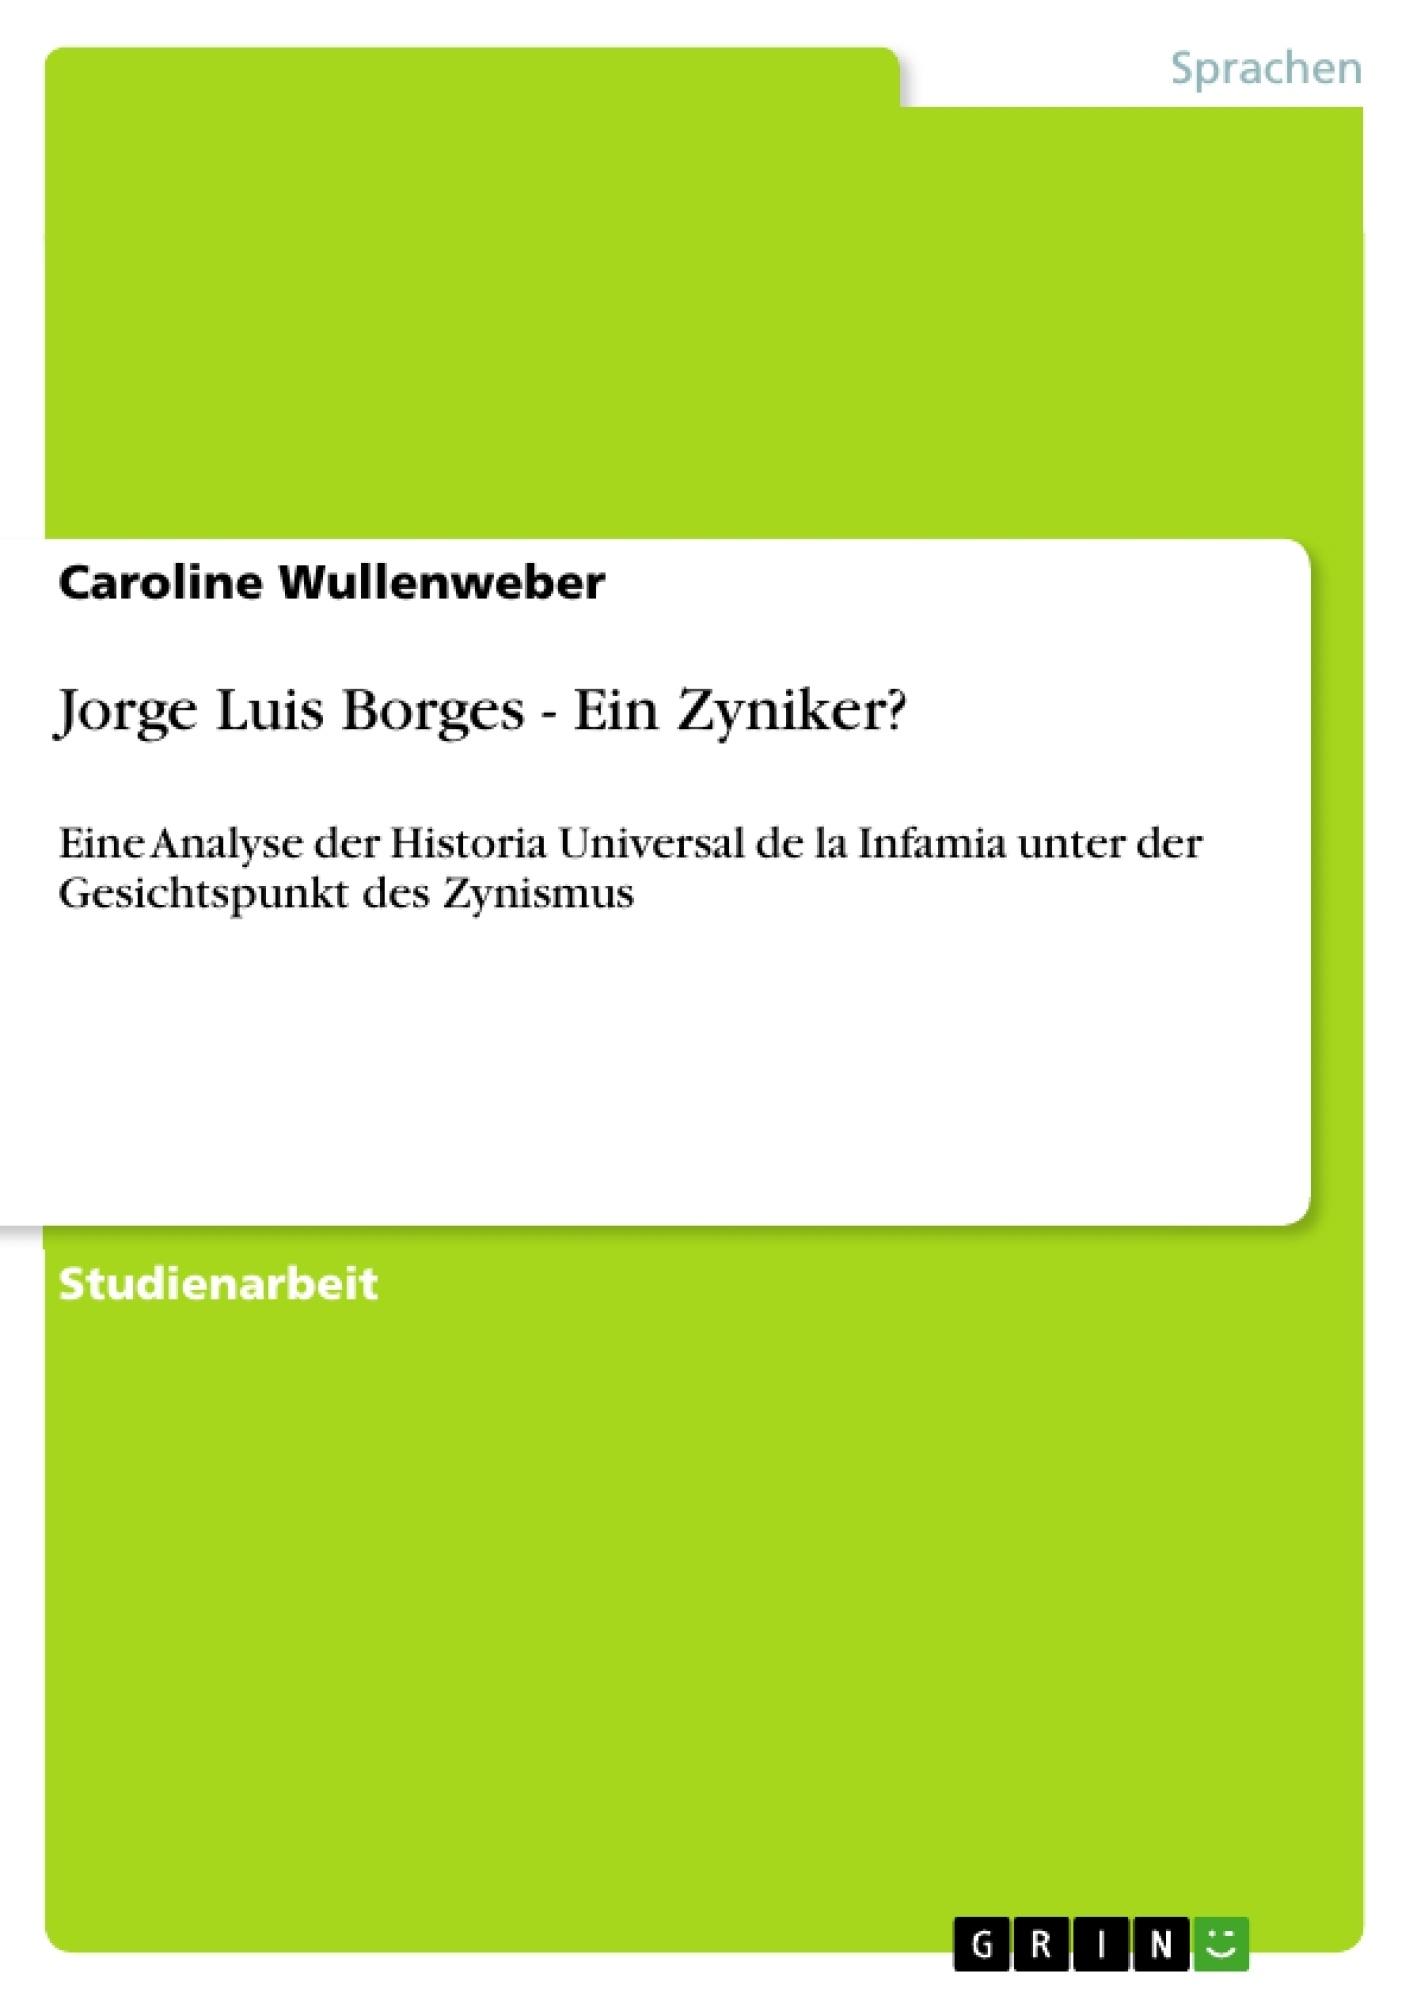 Titel: Jorge Luis Borges - Ein Zyniker?